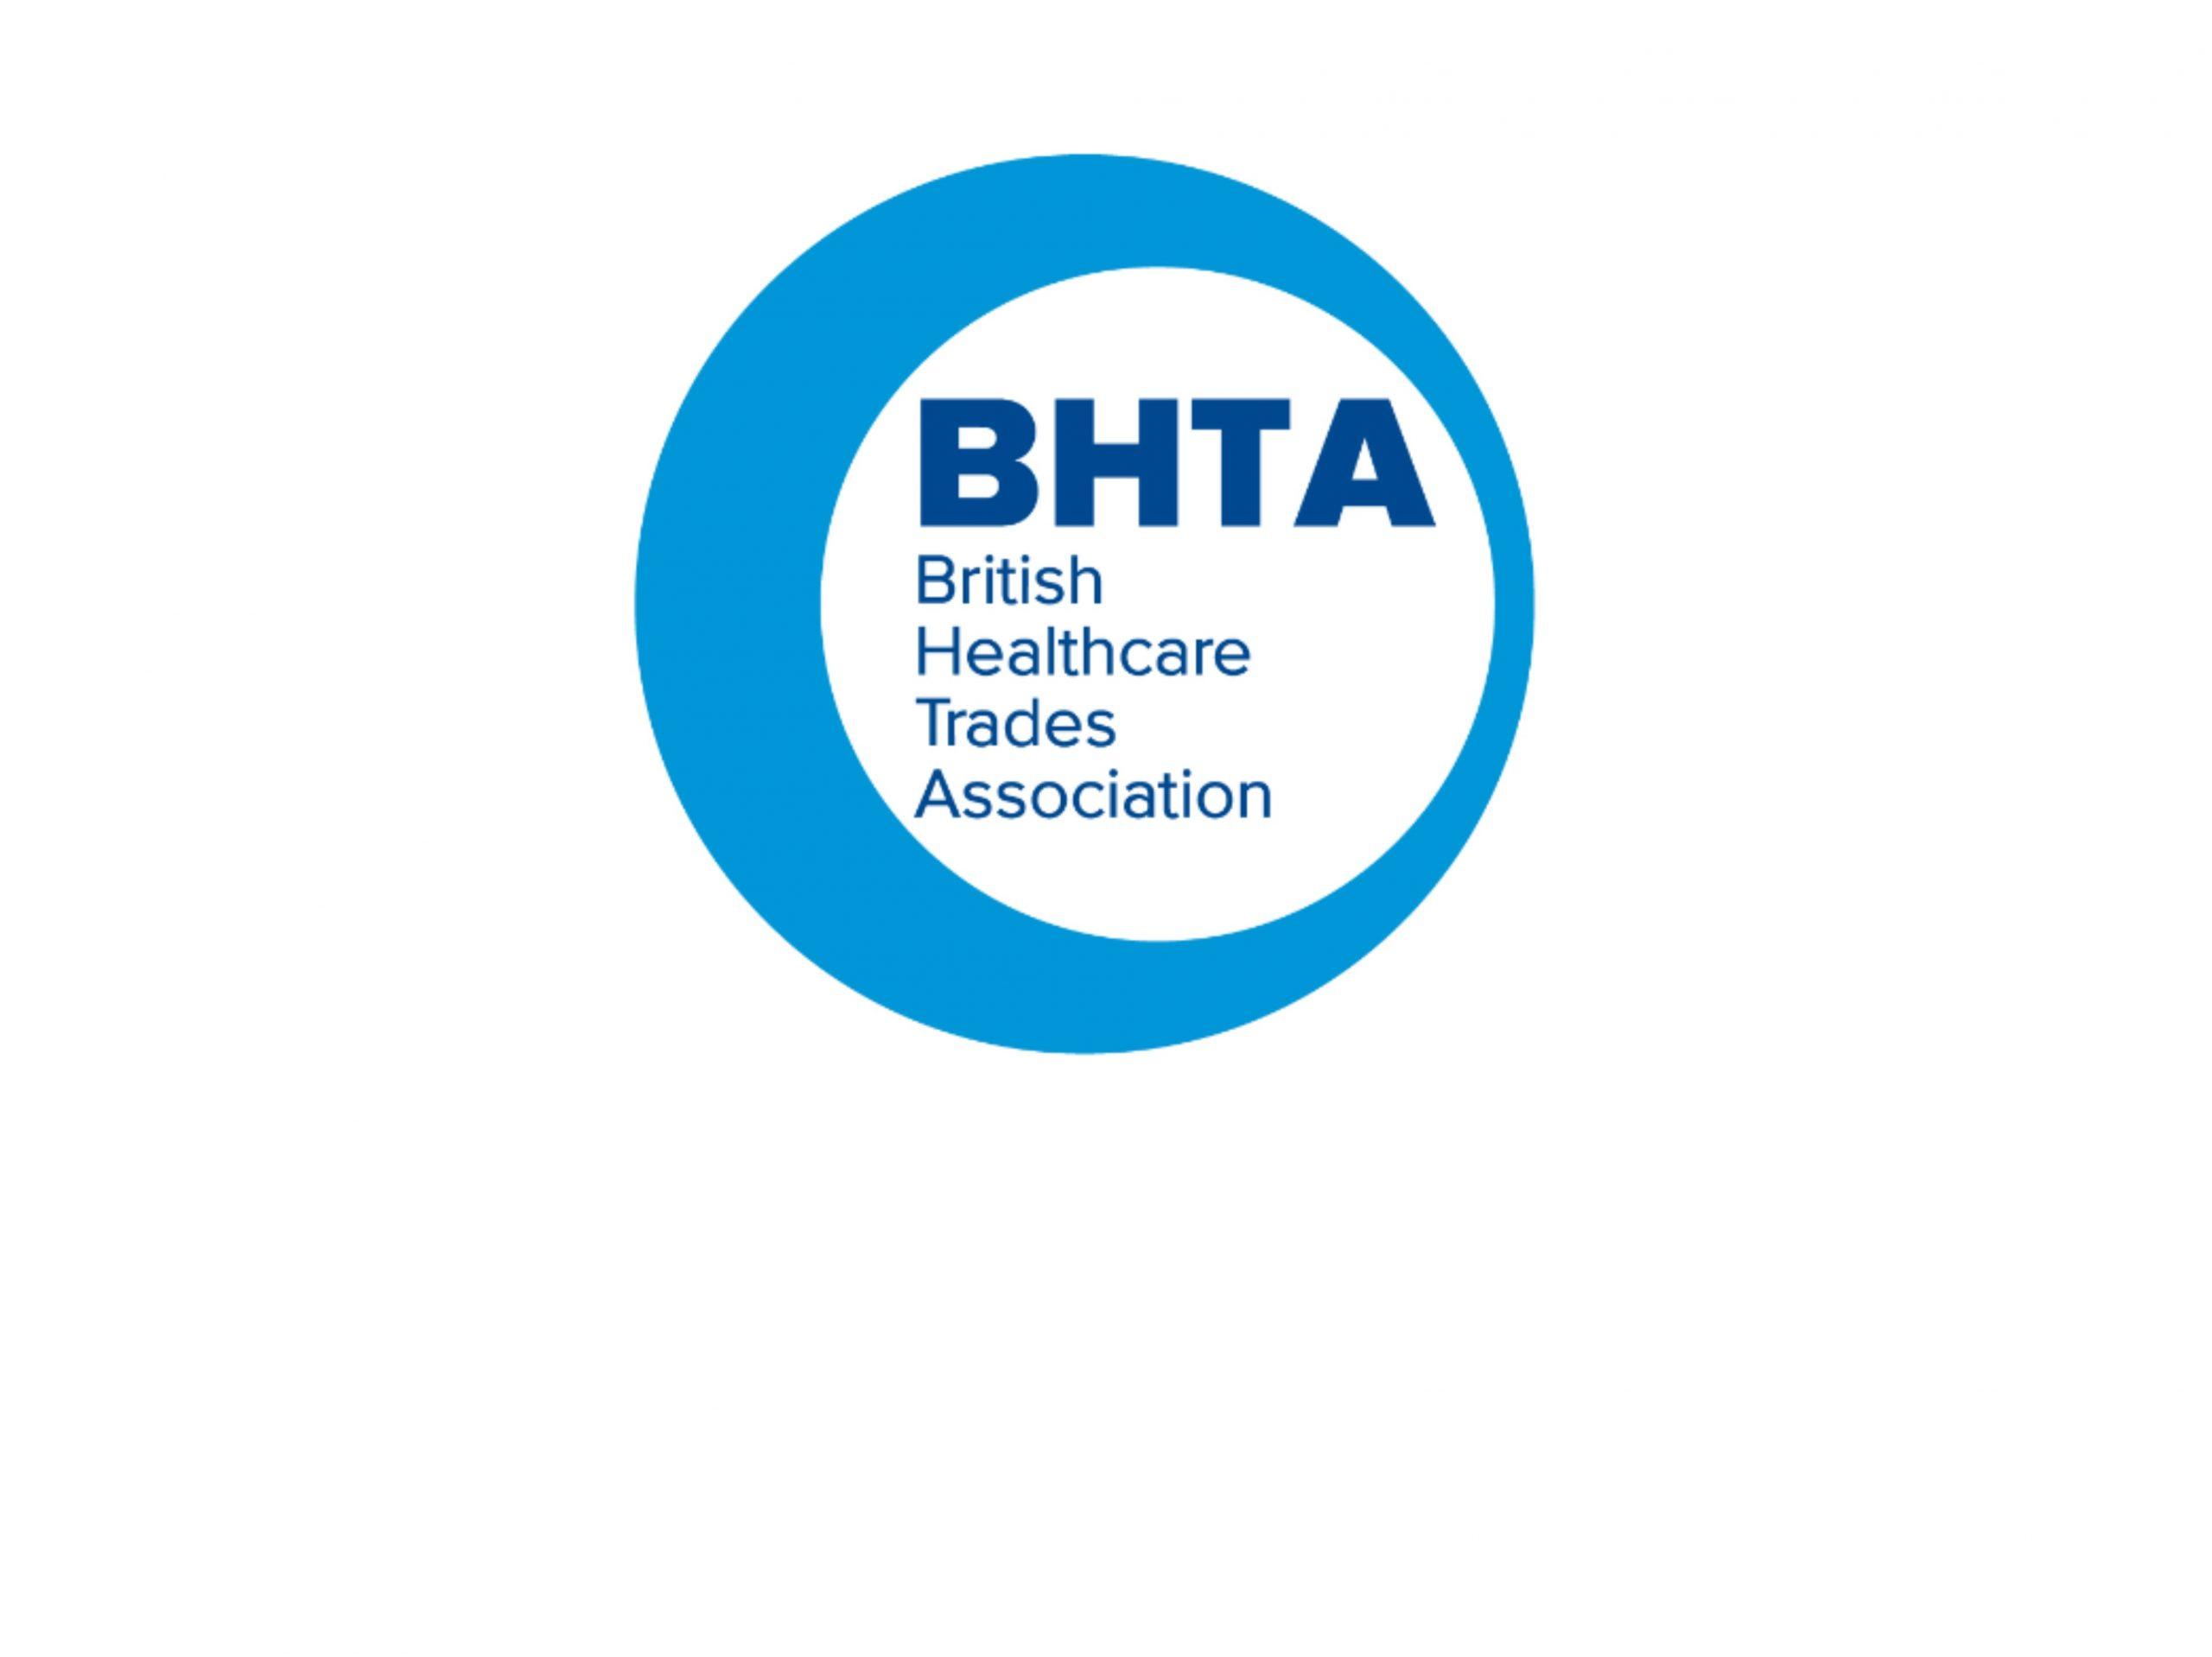 BHTA Staff No - 21832